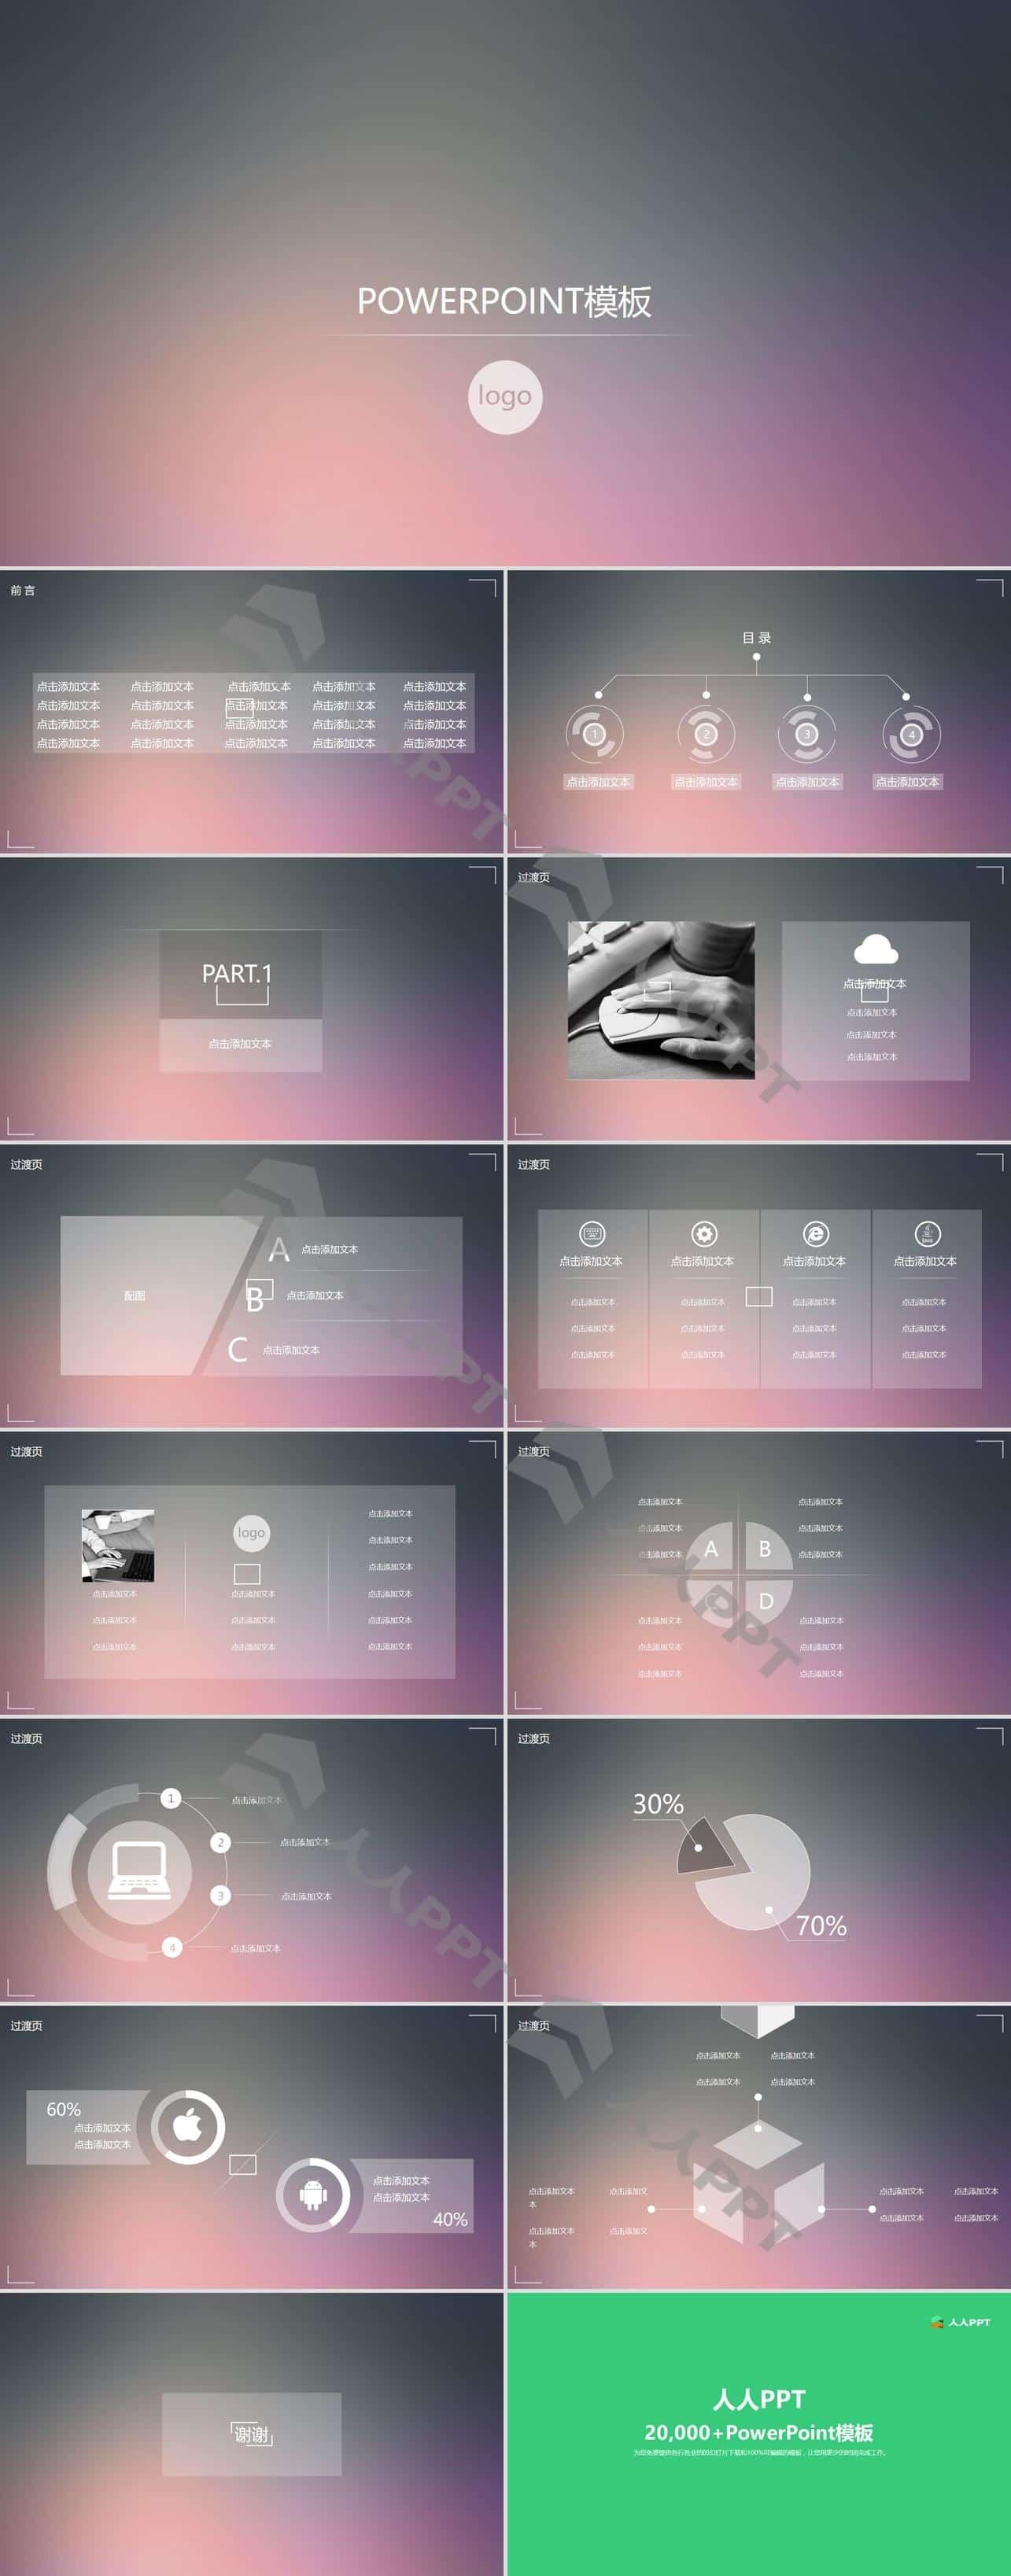 简约动态苹果IOS风格PPT模板长图